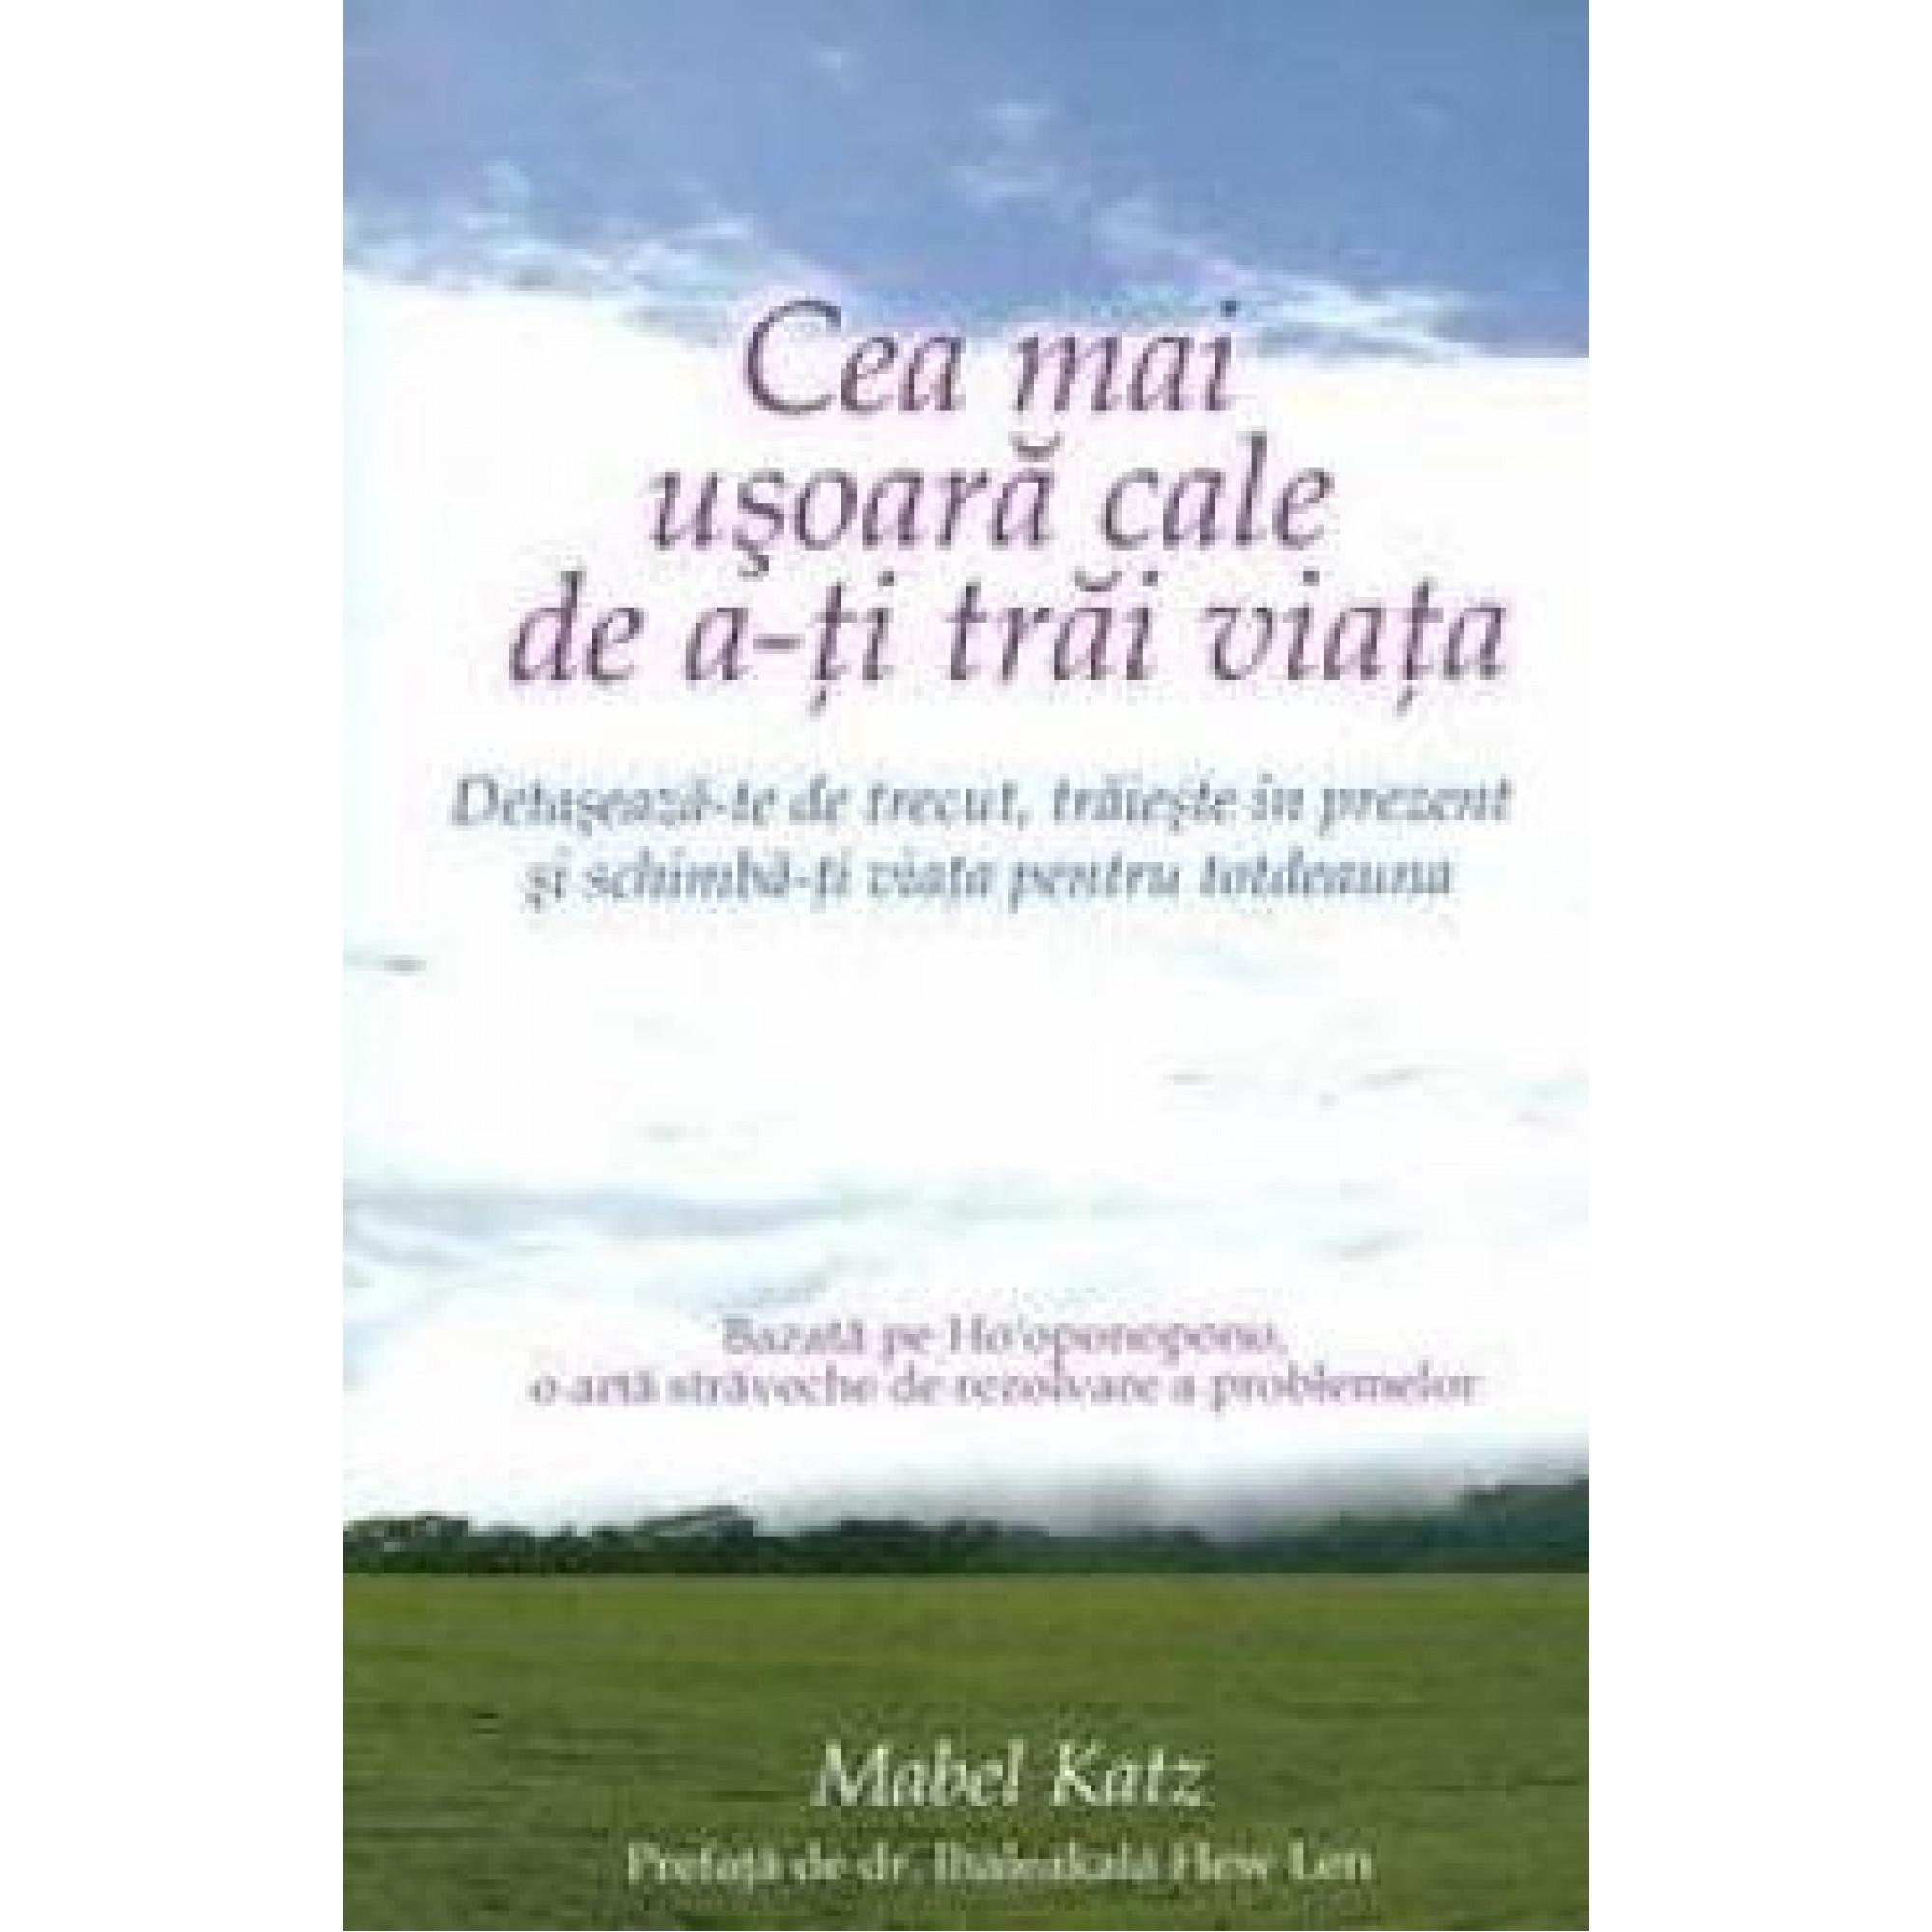 Cea mai ușoară cale de a-ți trăi viața; Mabel Katz